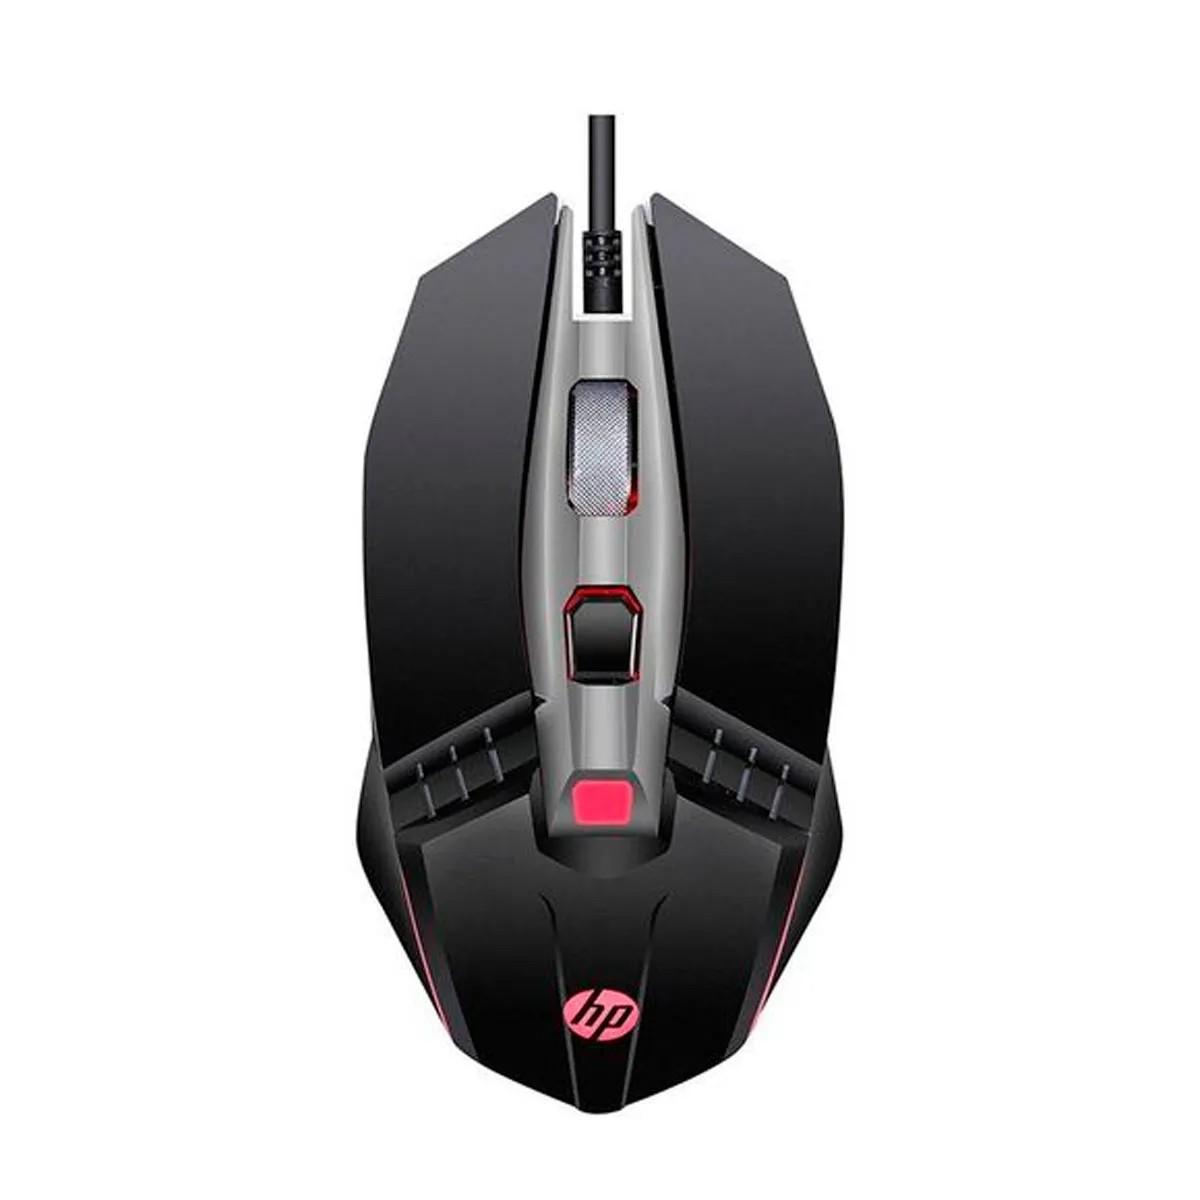 Mouse HP Gamer USB M270 2400 DPI LED BLACK